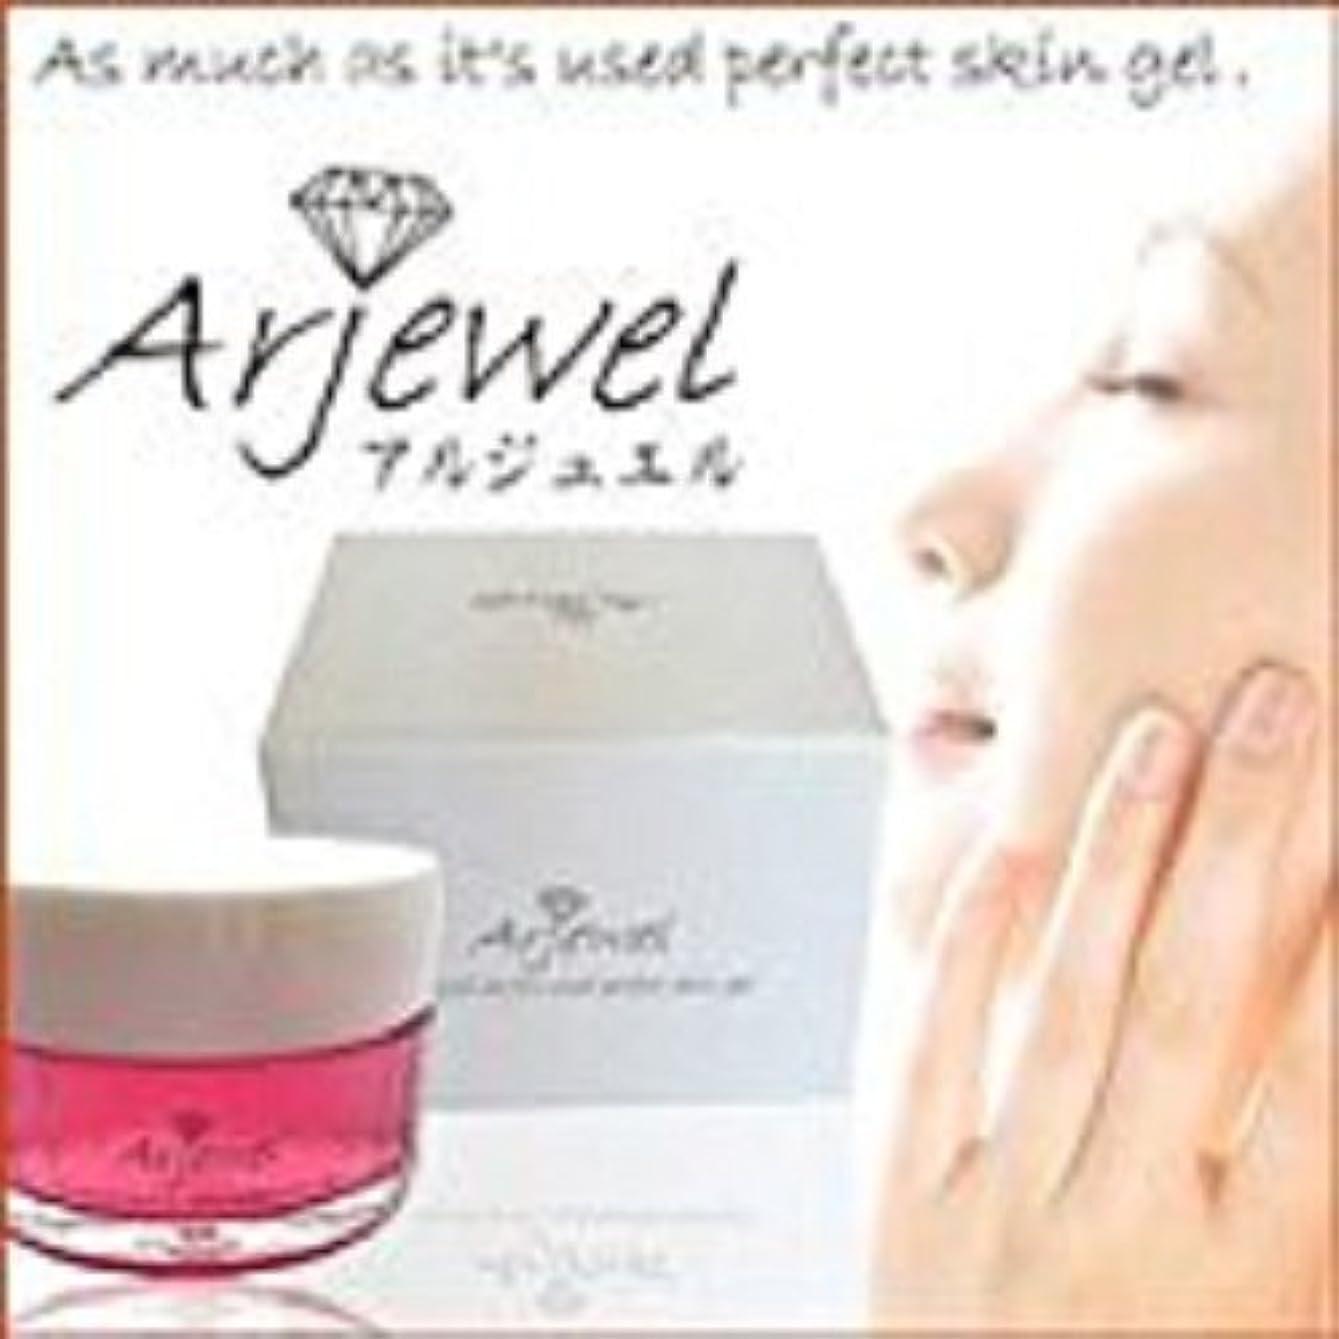 コンベンション映画シェードアルジュエル (Arjewel) /美容ジェル 小顔ジェル